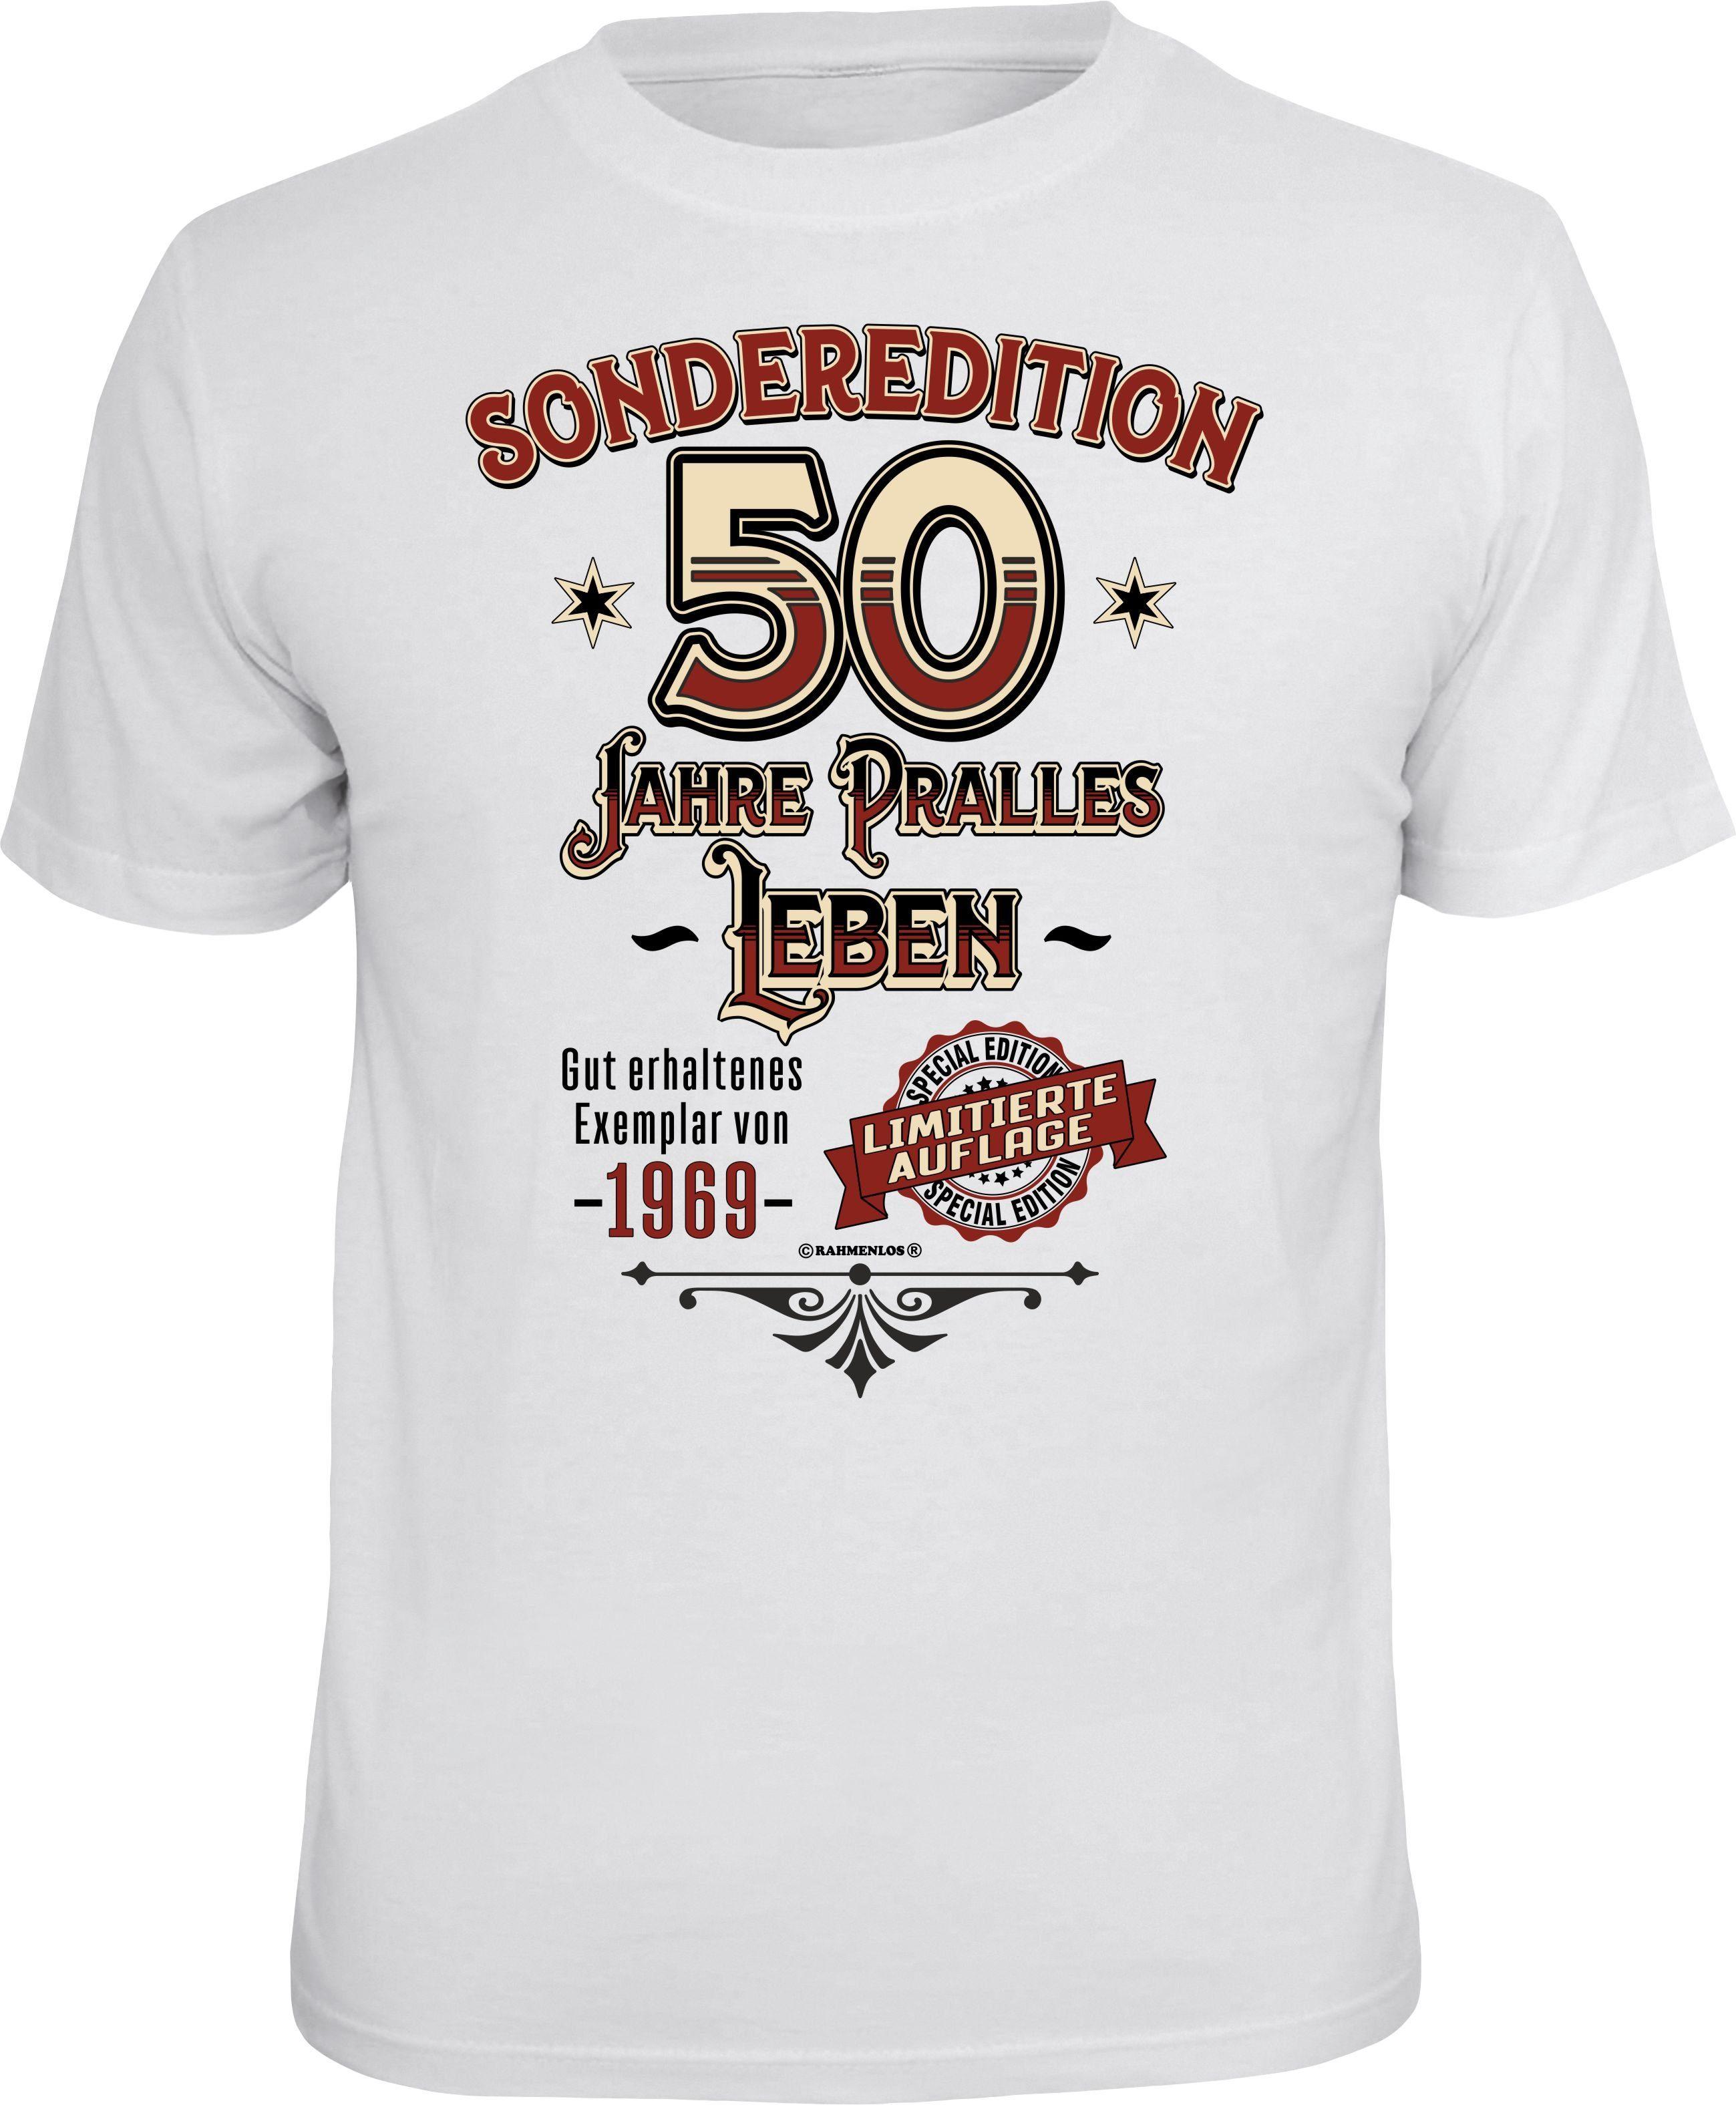 Pralles Druck 50Geburtstag T shirt Online Mit Leben« Zum Rahmenlos Kaufen »sonderedition qSzVLUMpG